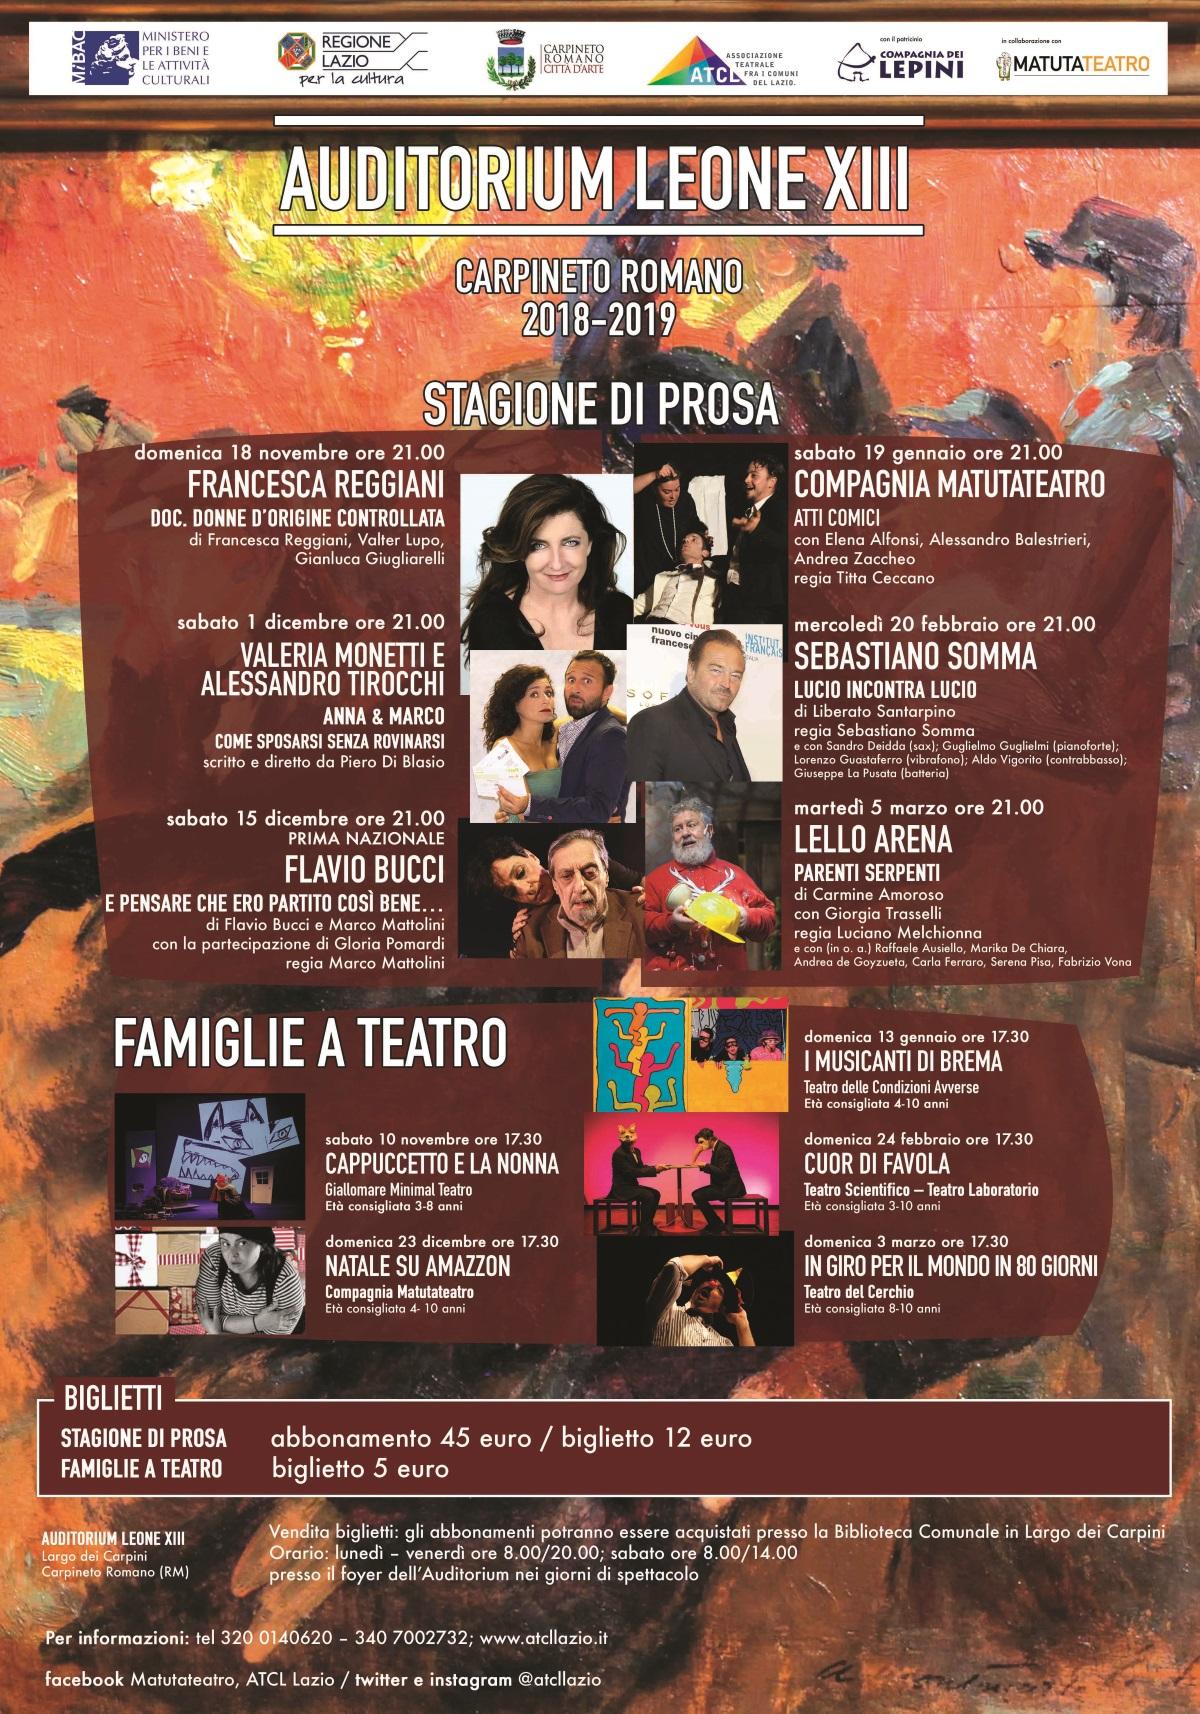 Carpineto Romano: Famiglie a teatro @ Auditorium Leone XIII | Carpineto Romano | Lazio | Italia